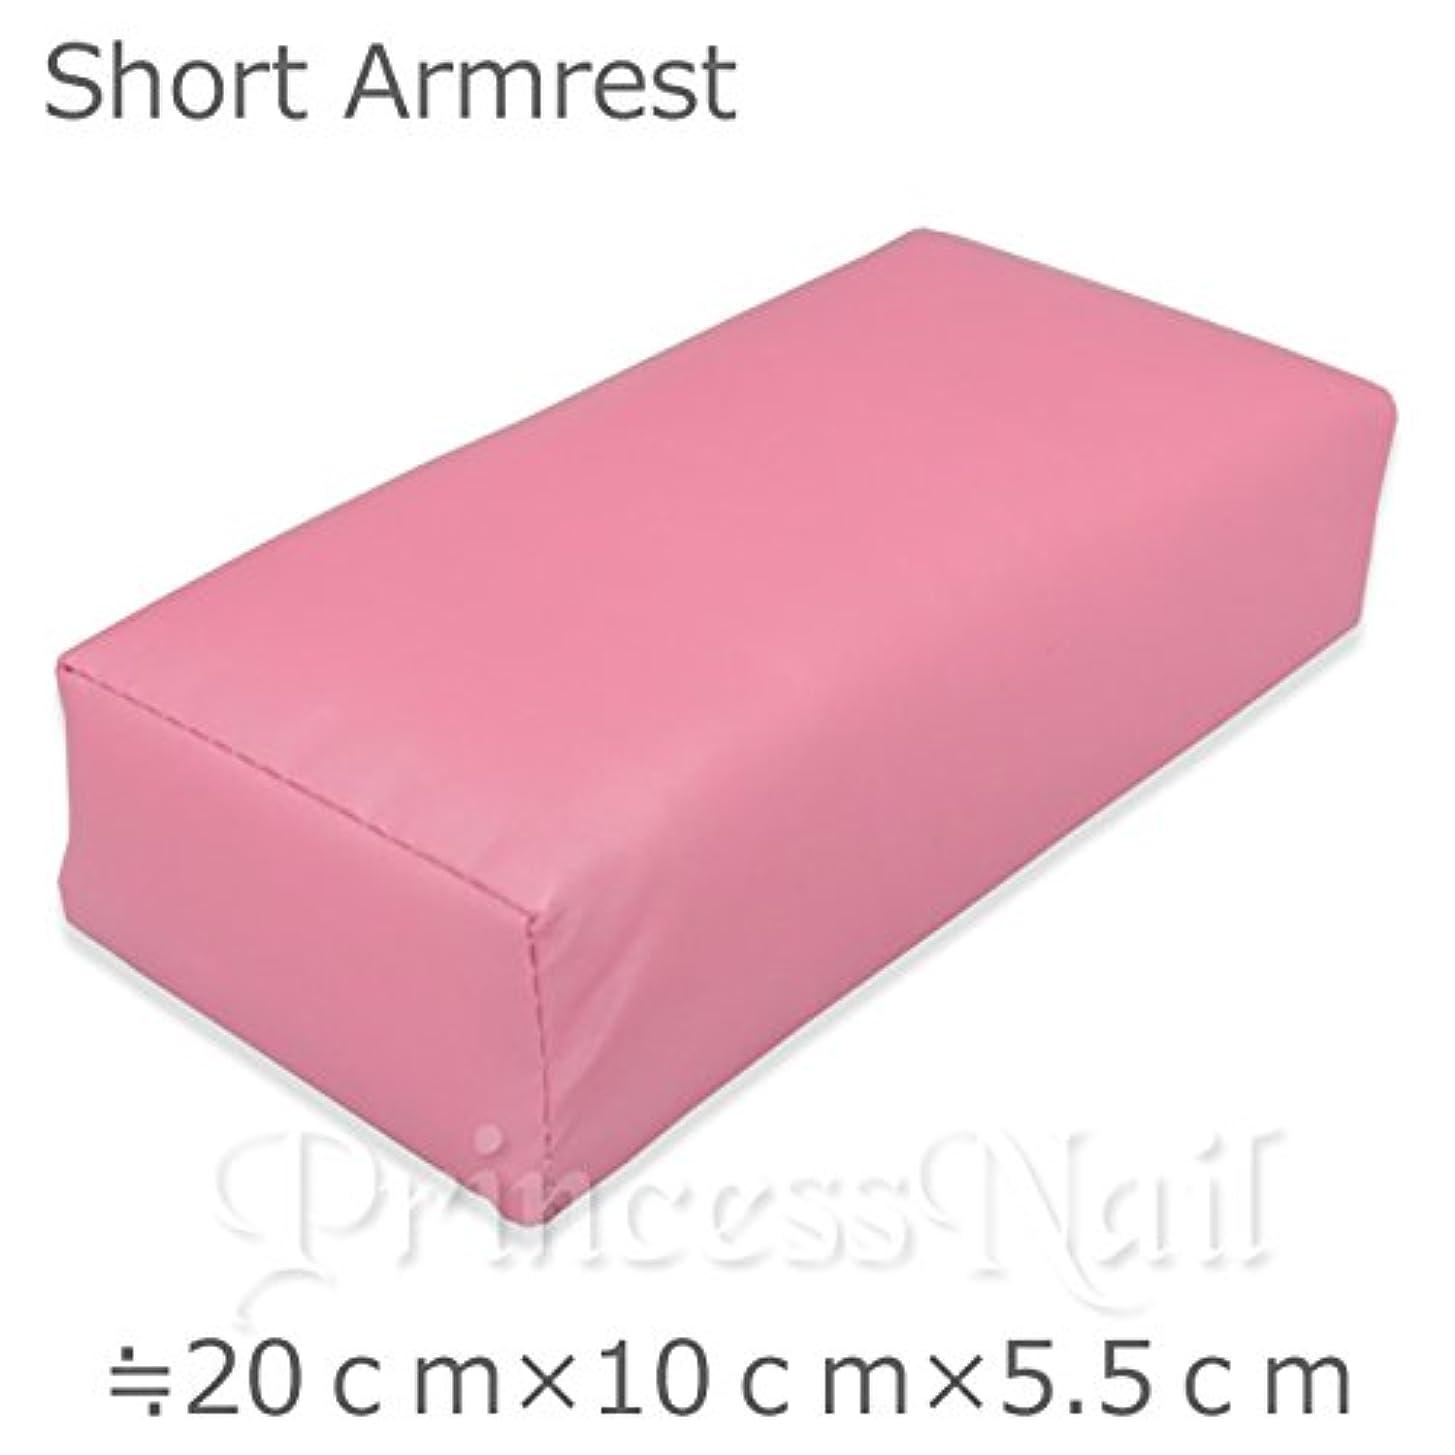 足枷運ぶ原理ネイルケア用アームレスト ショートタイプ Color:Pink size:D10cm×W20cm×H5.5cm